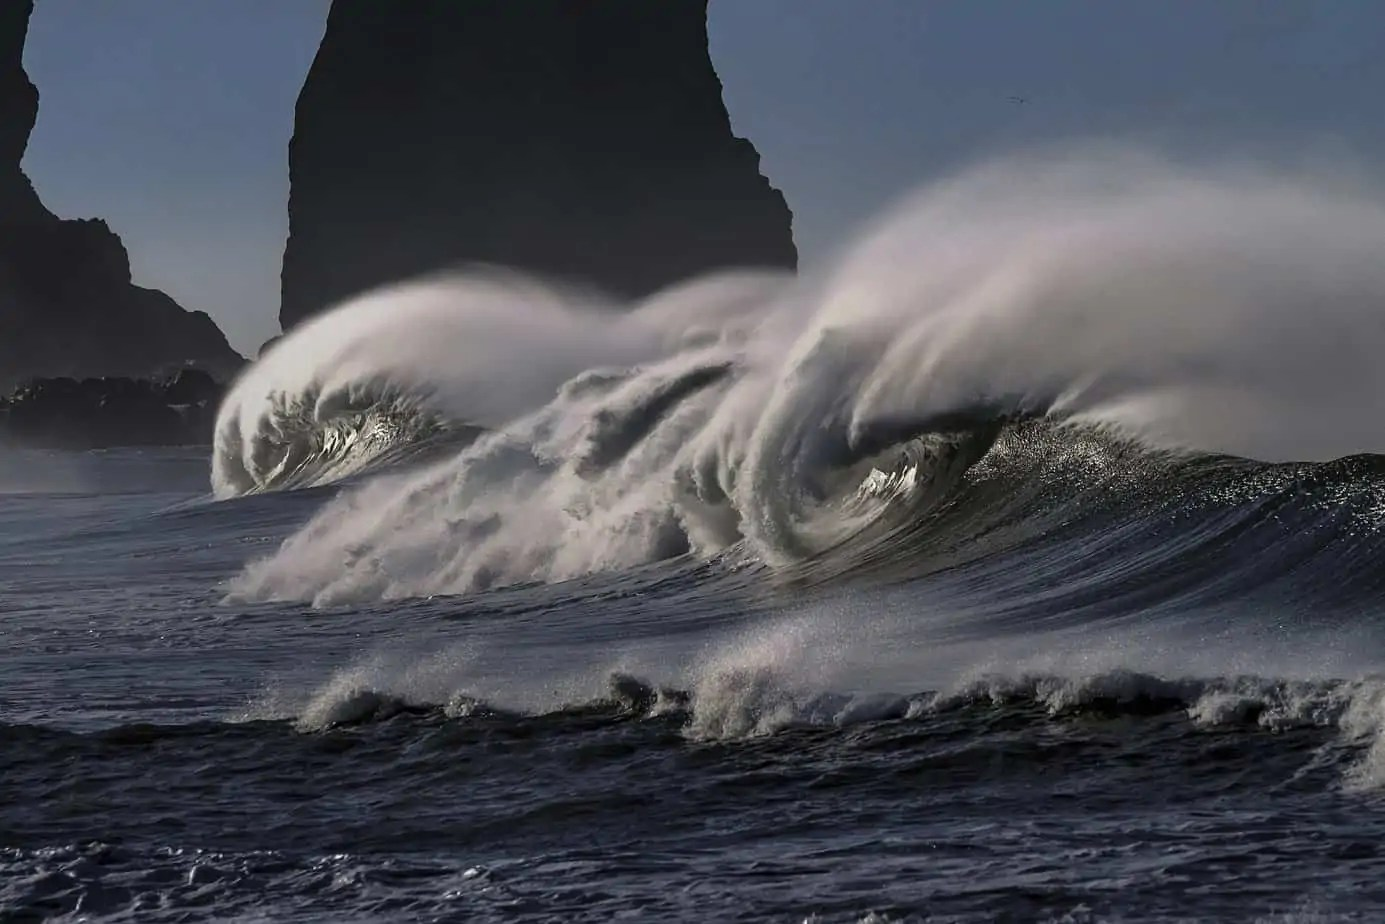 Le onde che ci fanno sognare